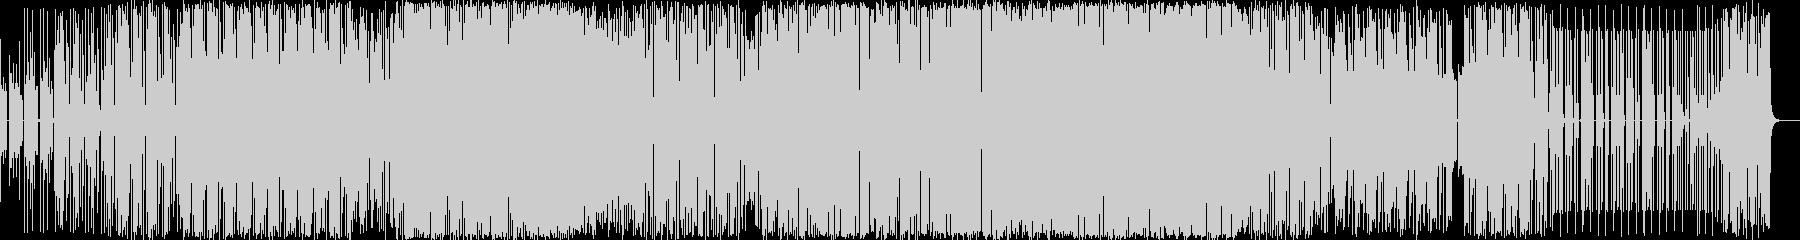 エレクトロ 技術的な エスニック ...の未再生の波形